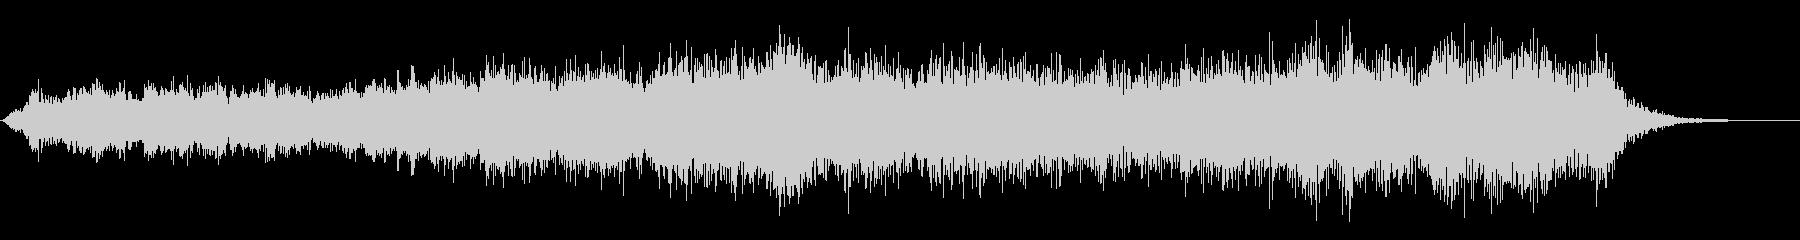 ヌァーーン(怪しい雰囲気の音)の未再生の波形